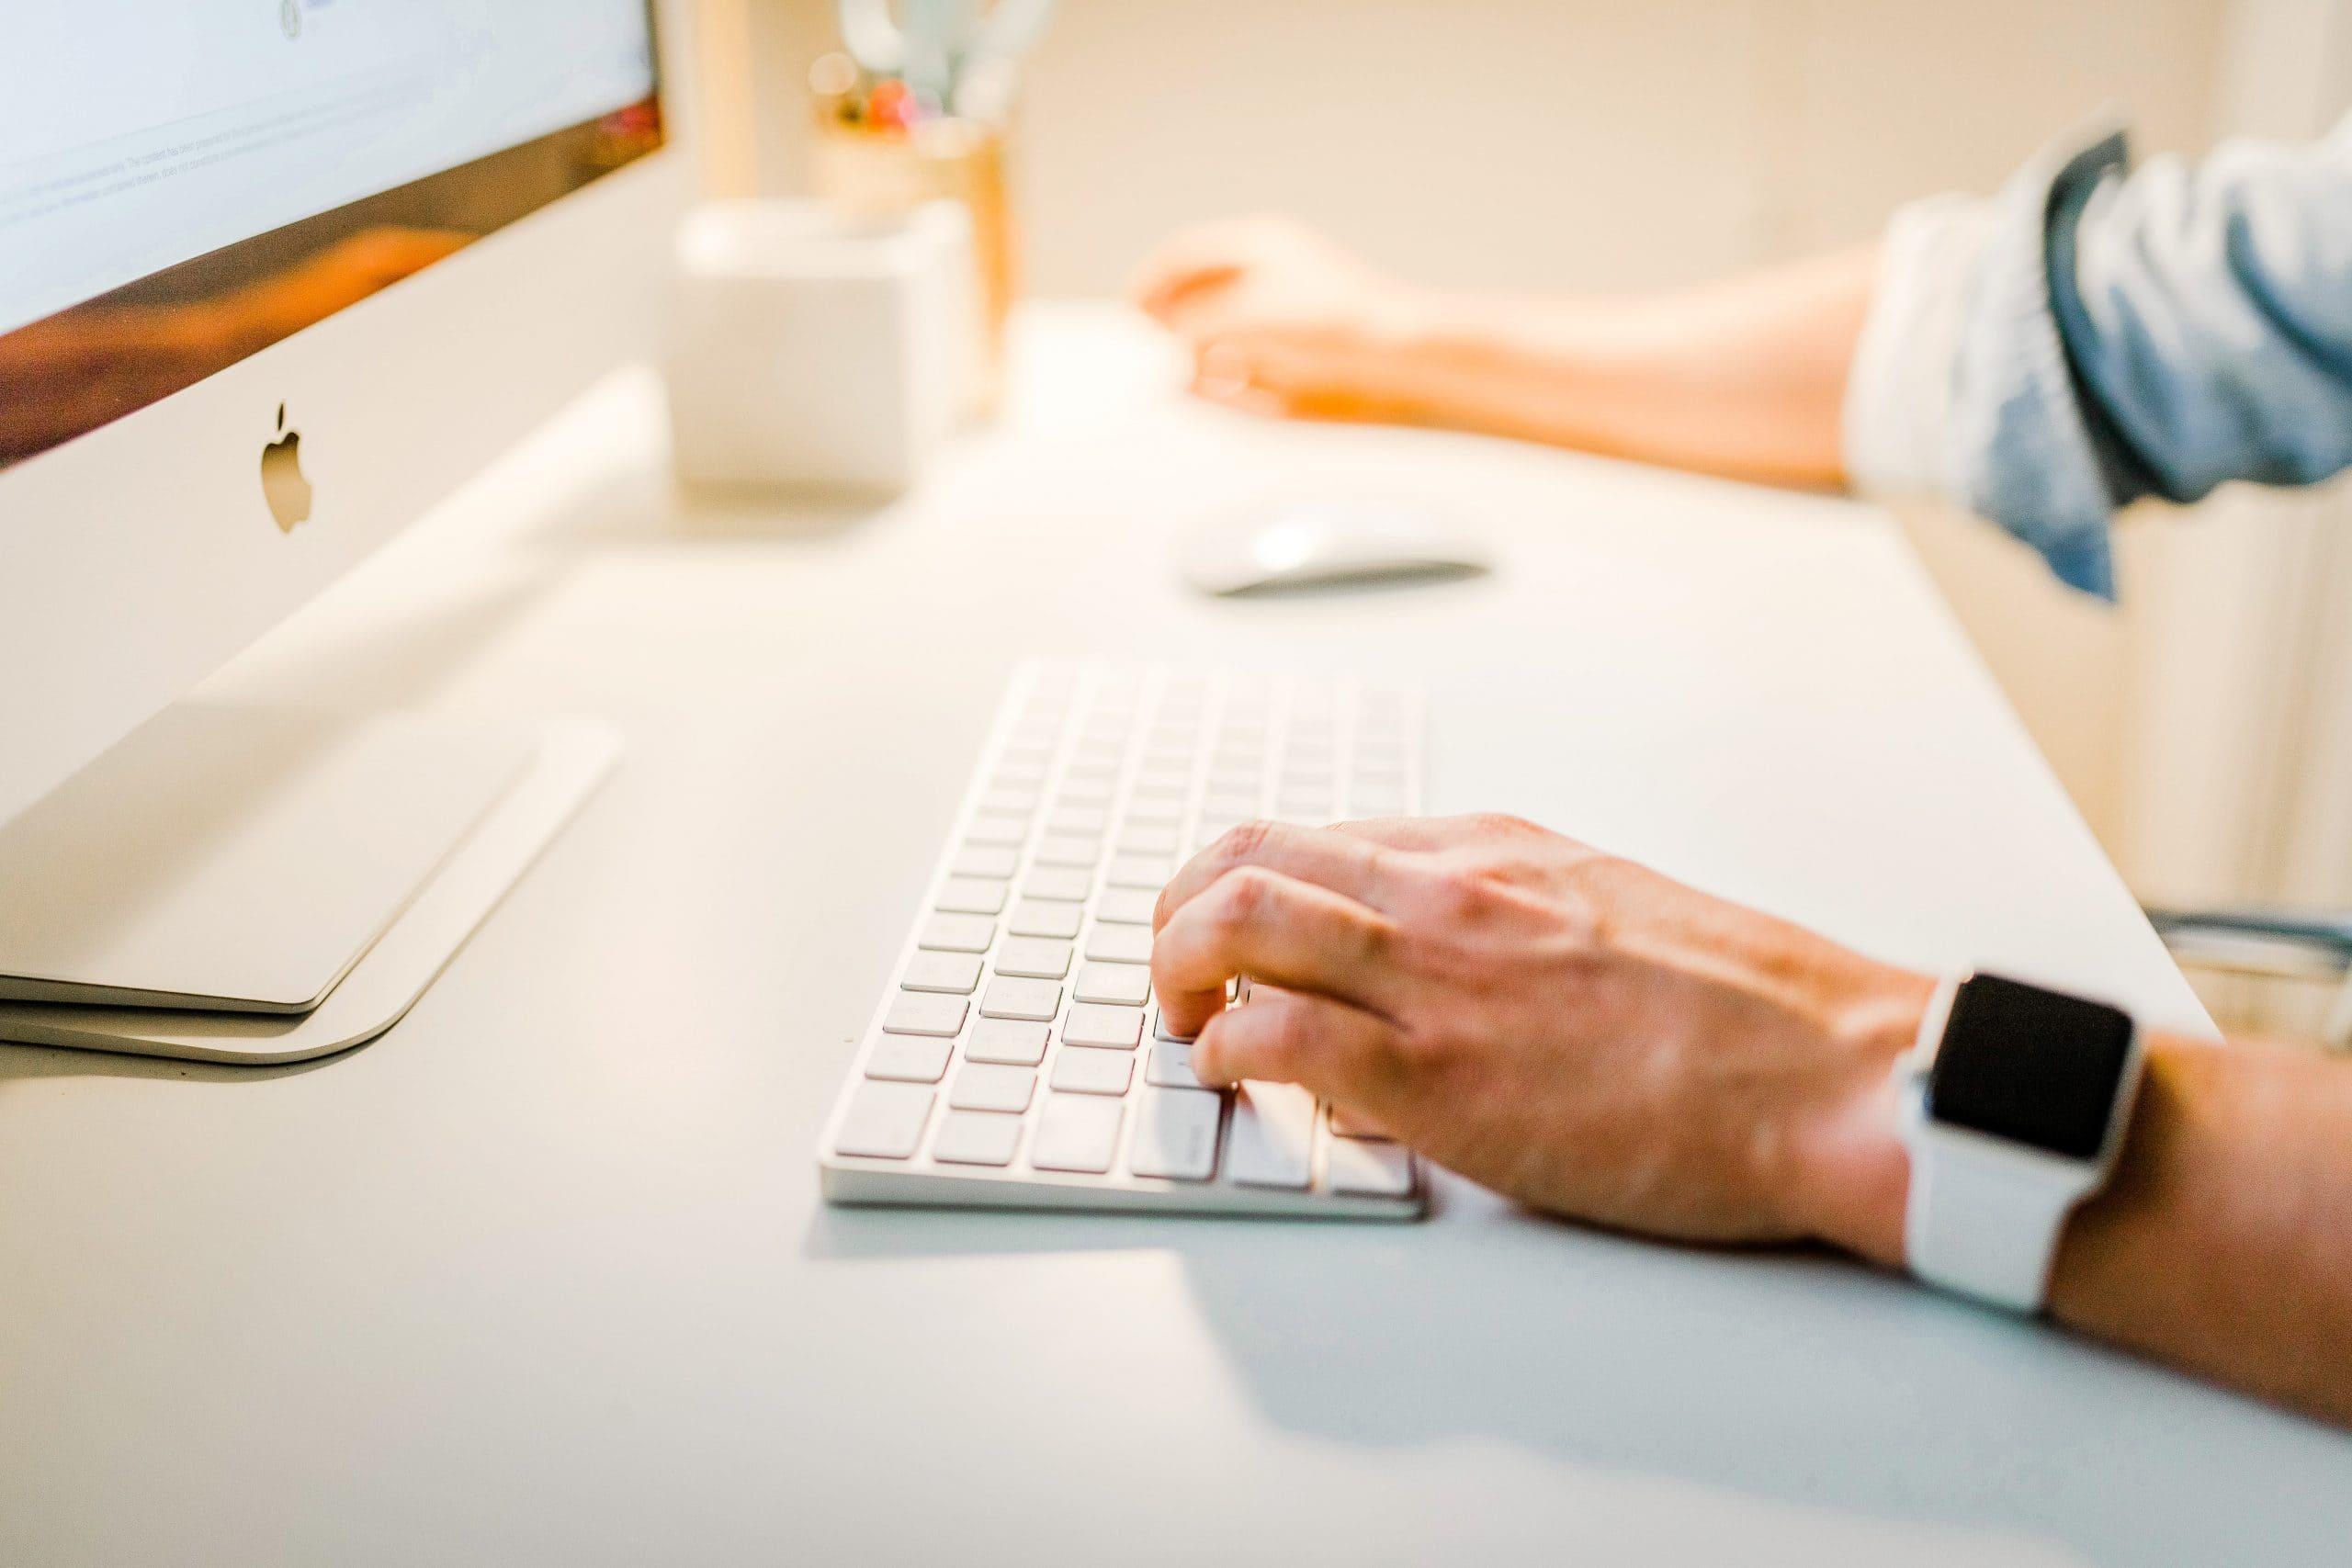 コスト削減のキーワード10選 間接費や直接費、固定費や変動費、RFx、集中購買などをわかりやすく解説